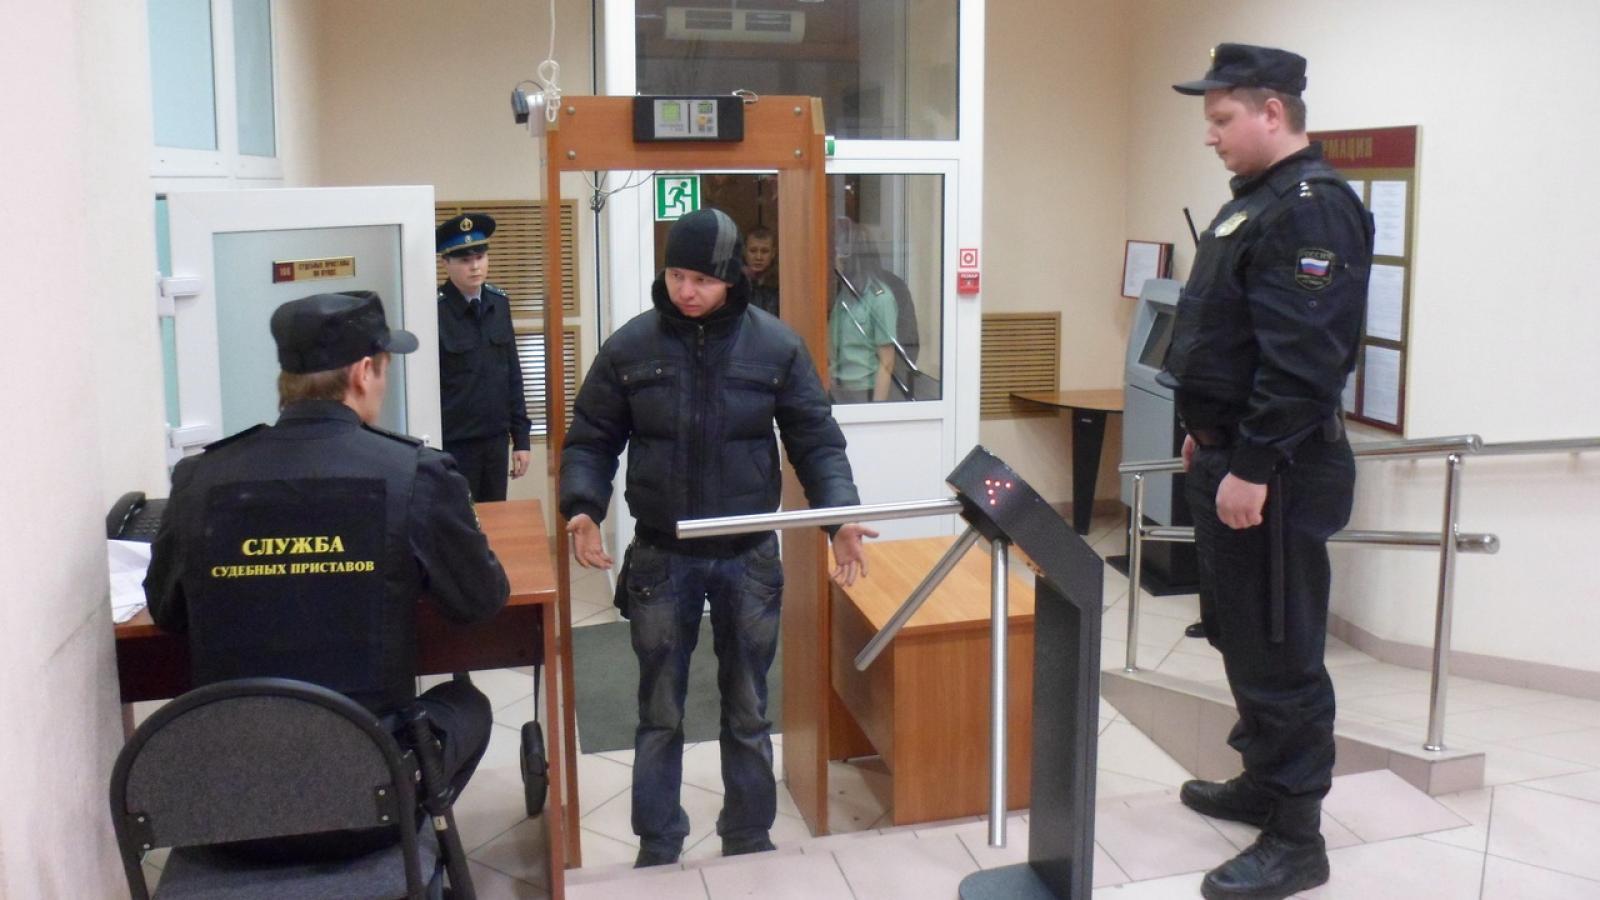 Вологжане стали ходить в суд с холодным оружием